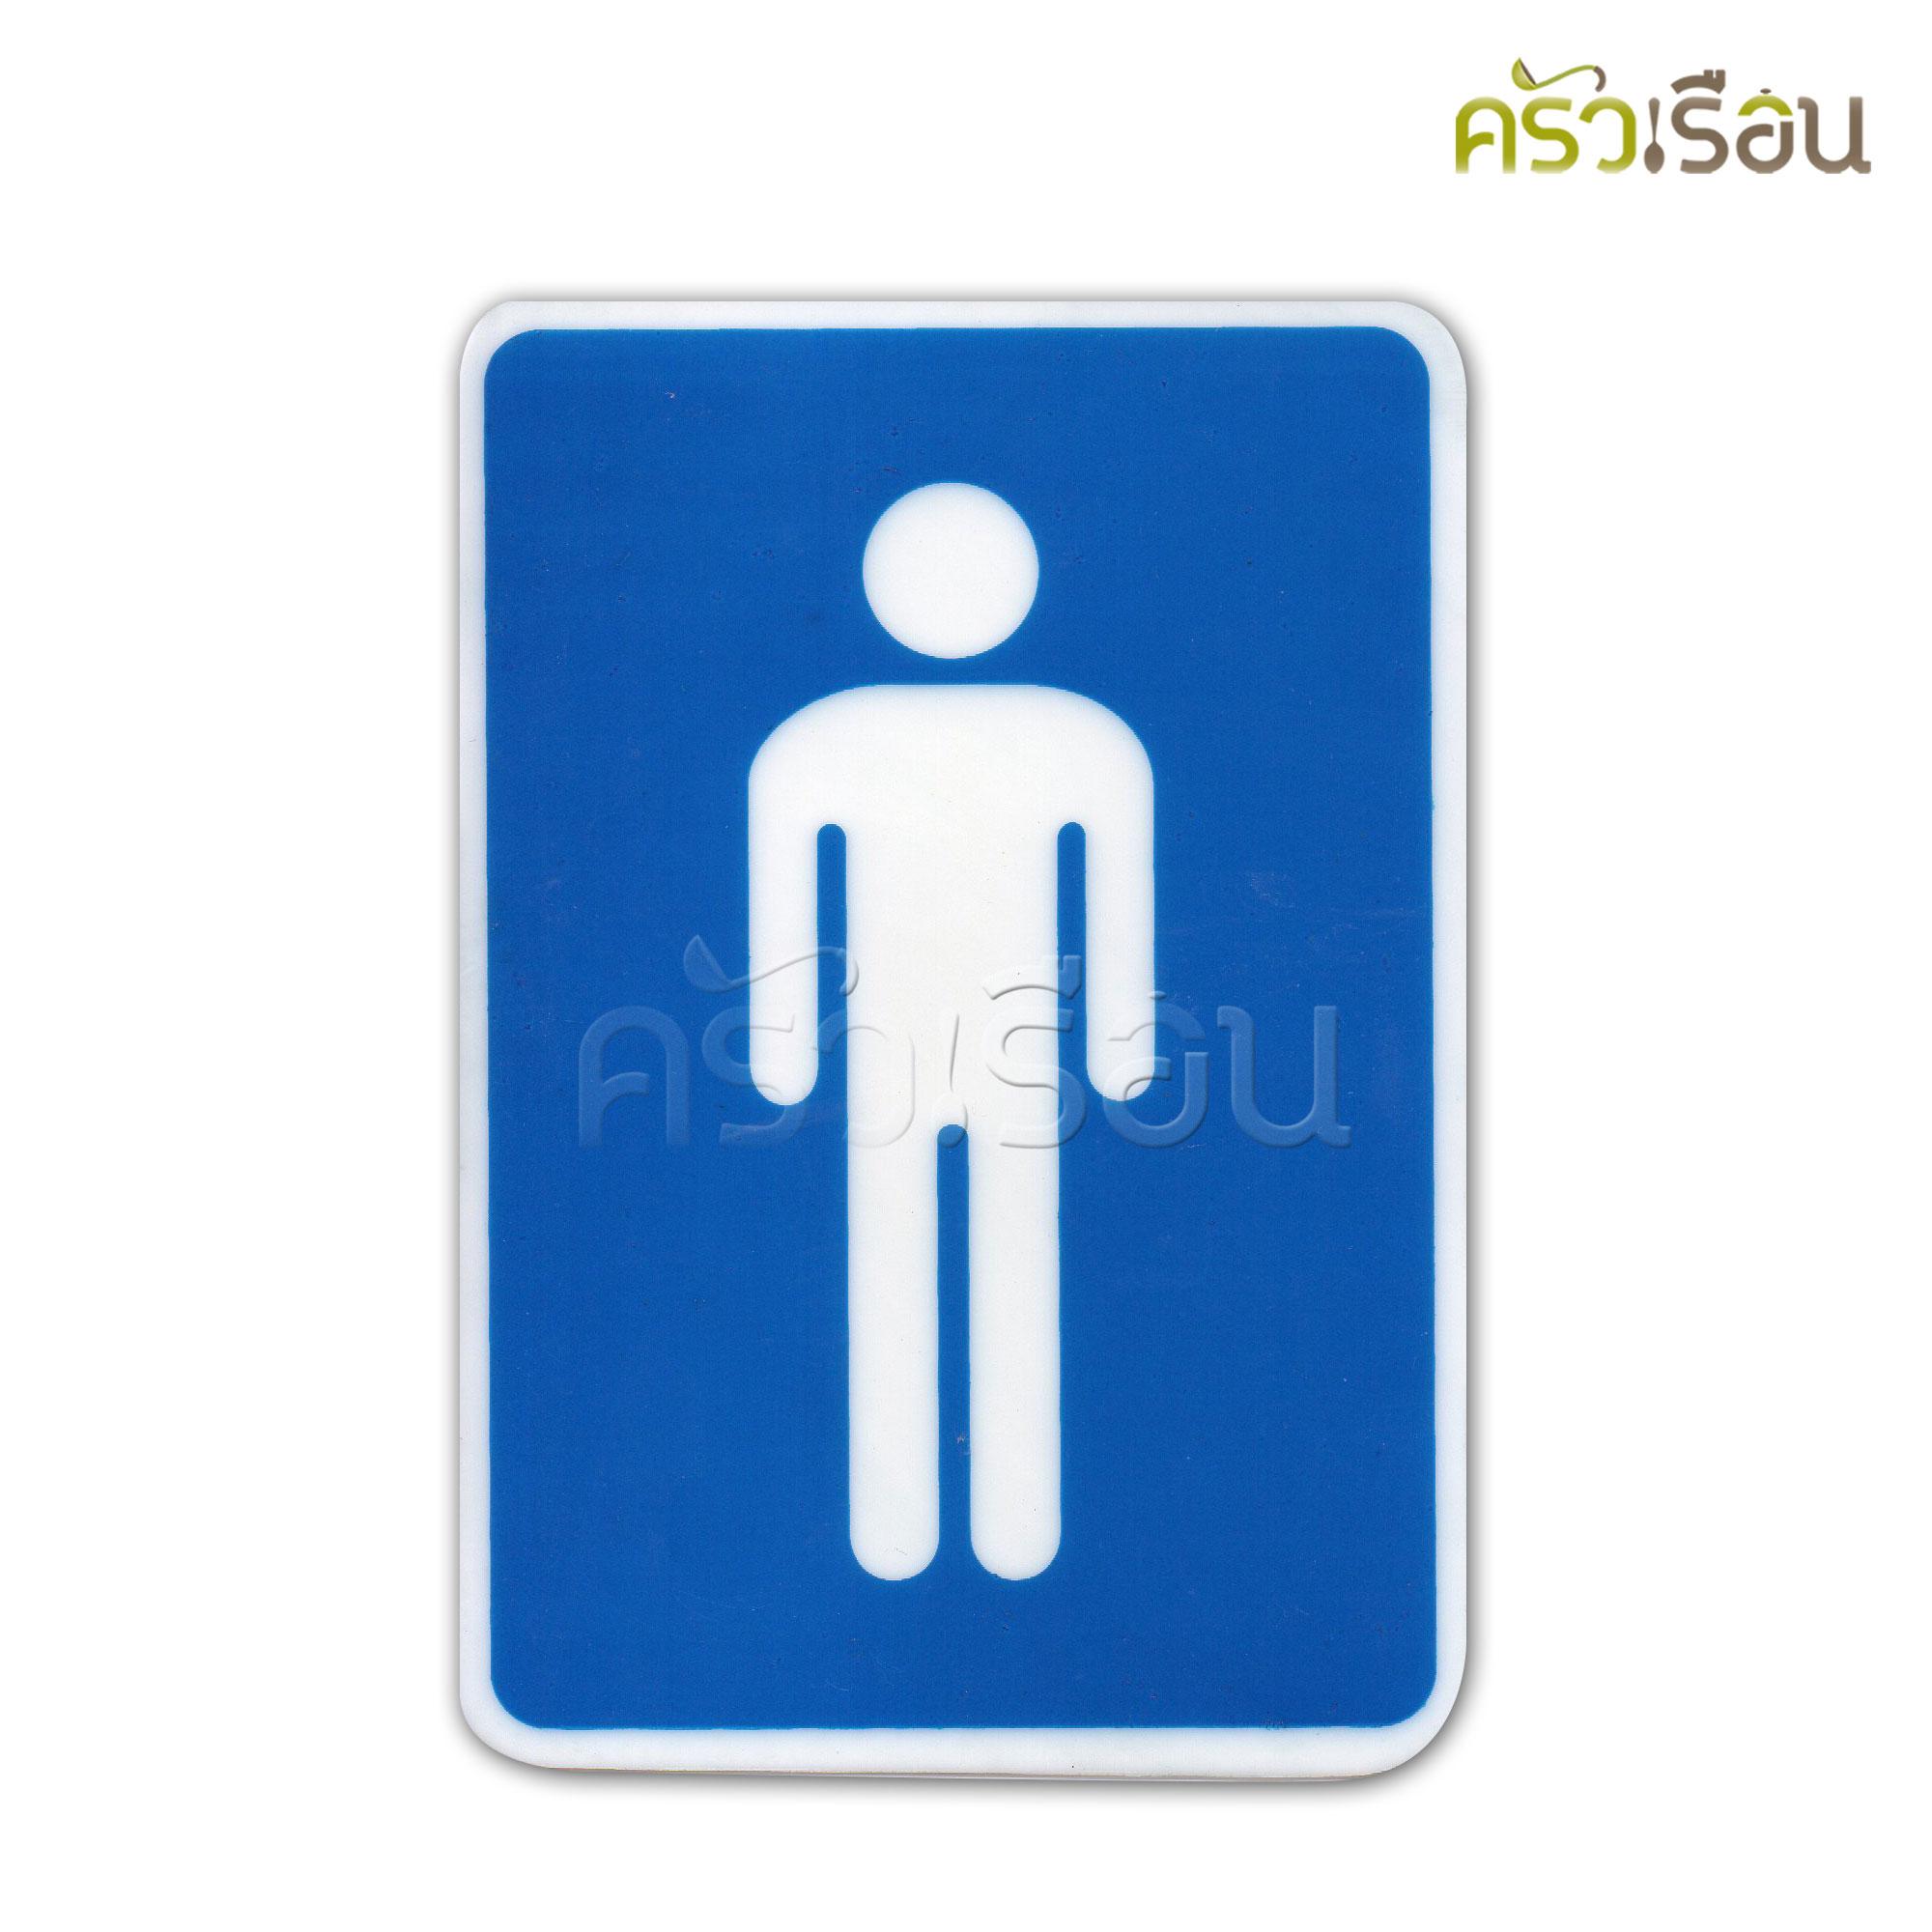 ป้าย - สัญลักษณ์ห้องน้ำชาย